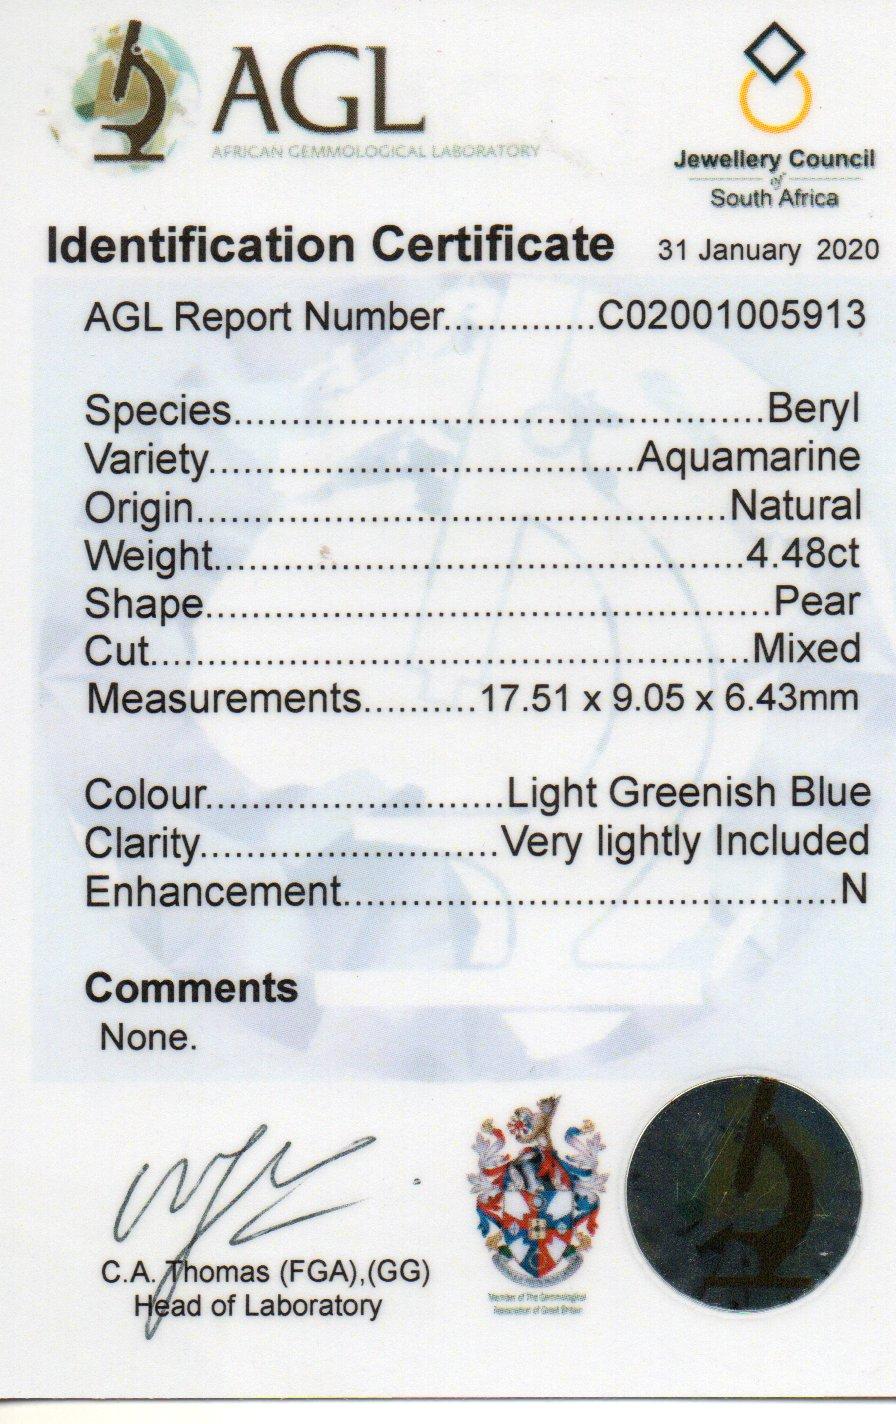 4.48ct Aquamarine - Pear